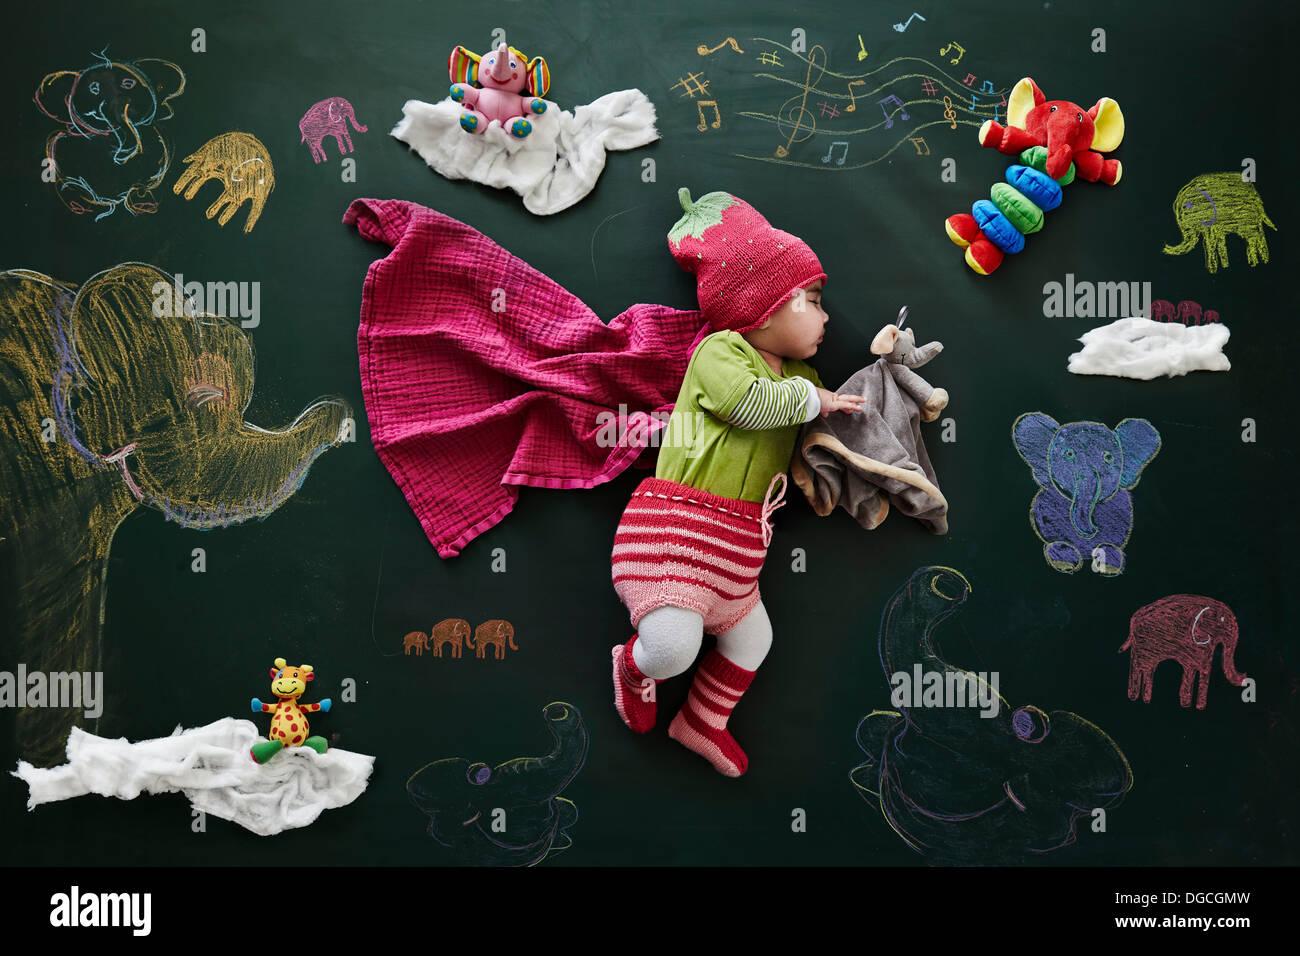 Babymädchen schläft gegen Zeichnungen auf Tafel, Draufsicht Stockbild